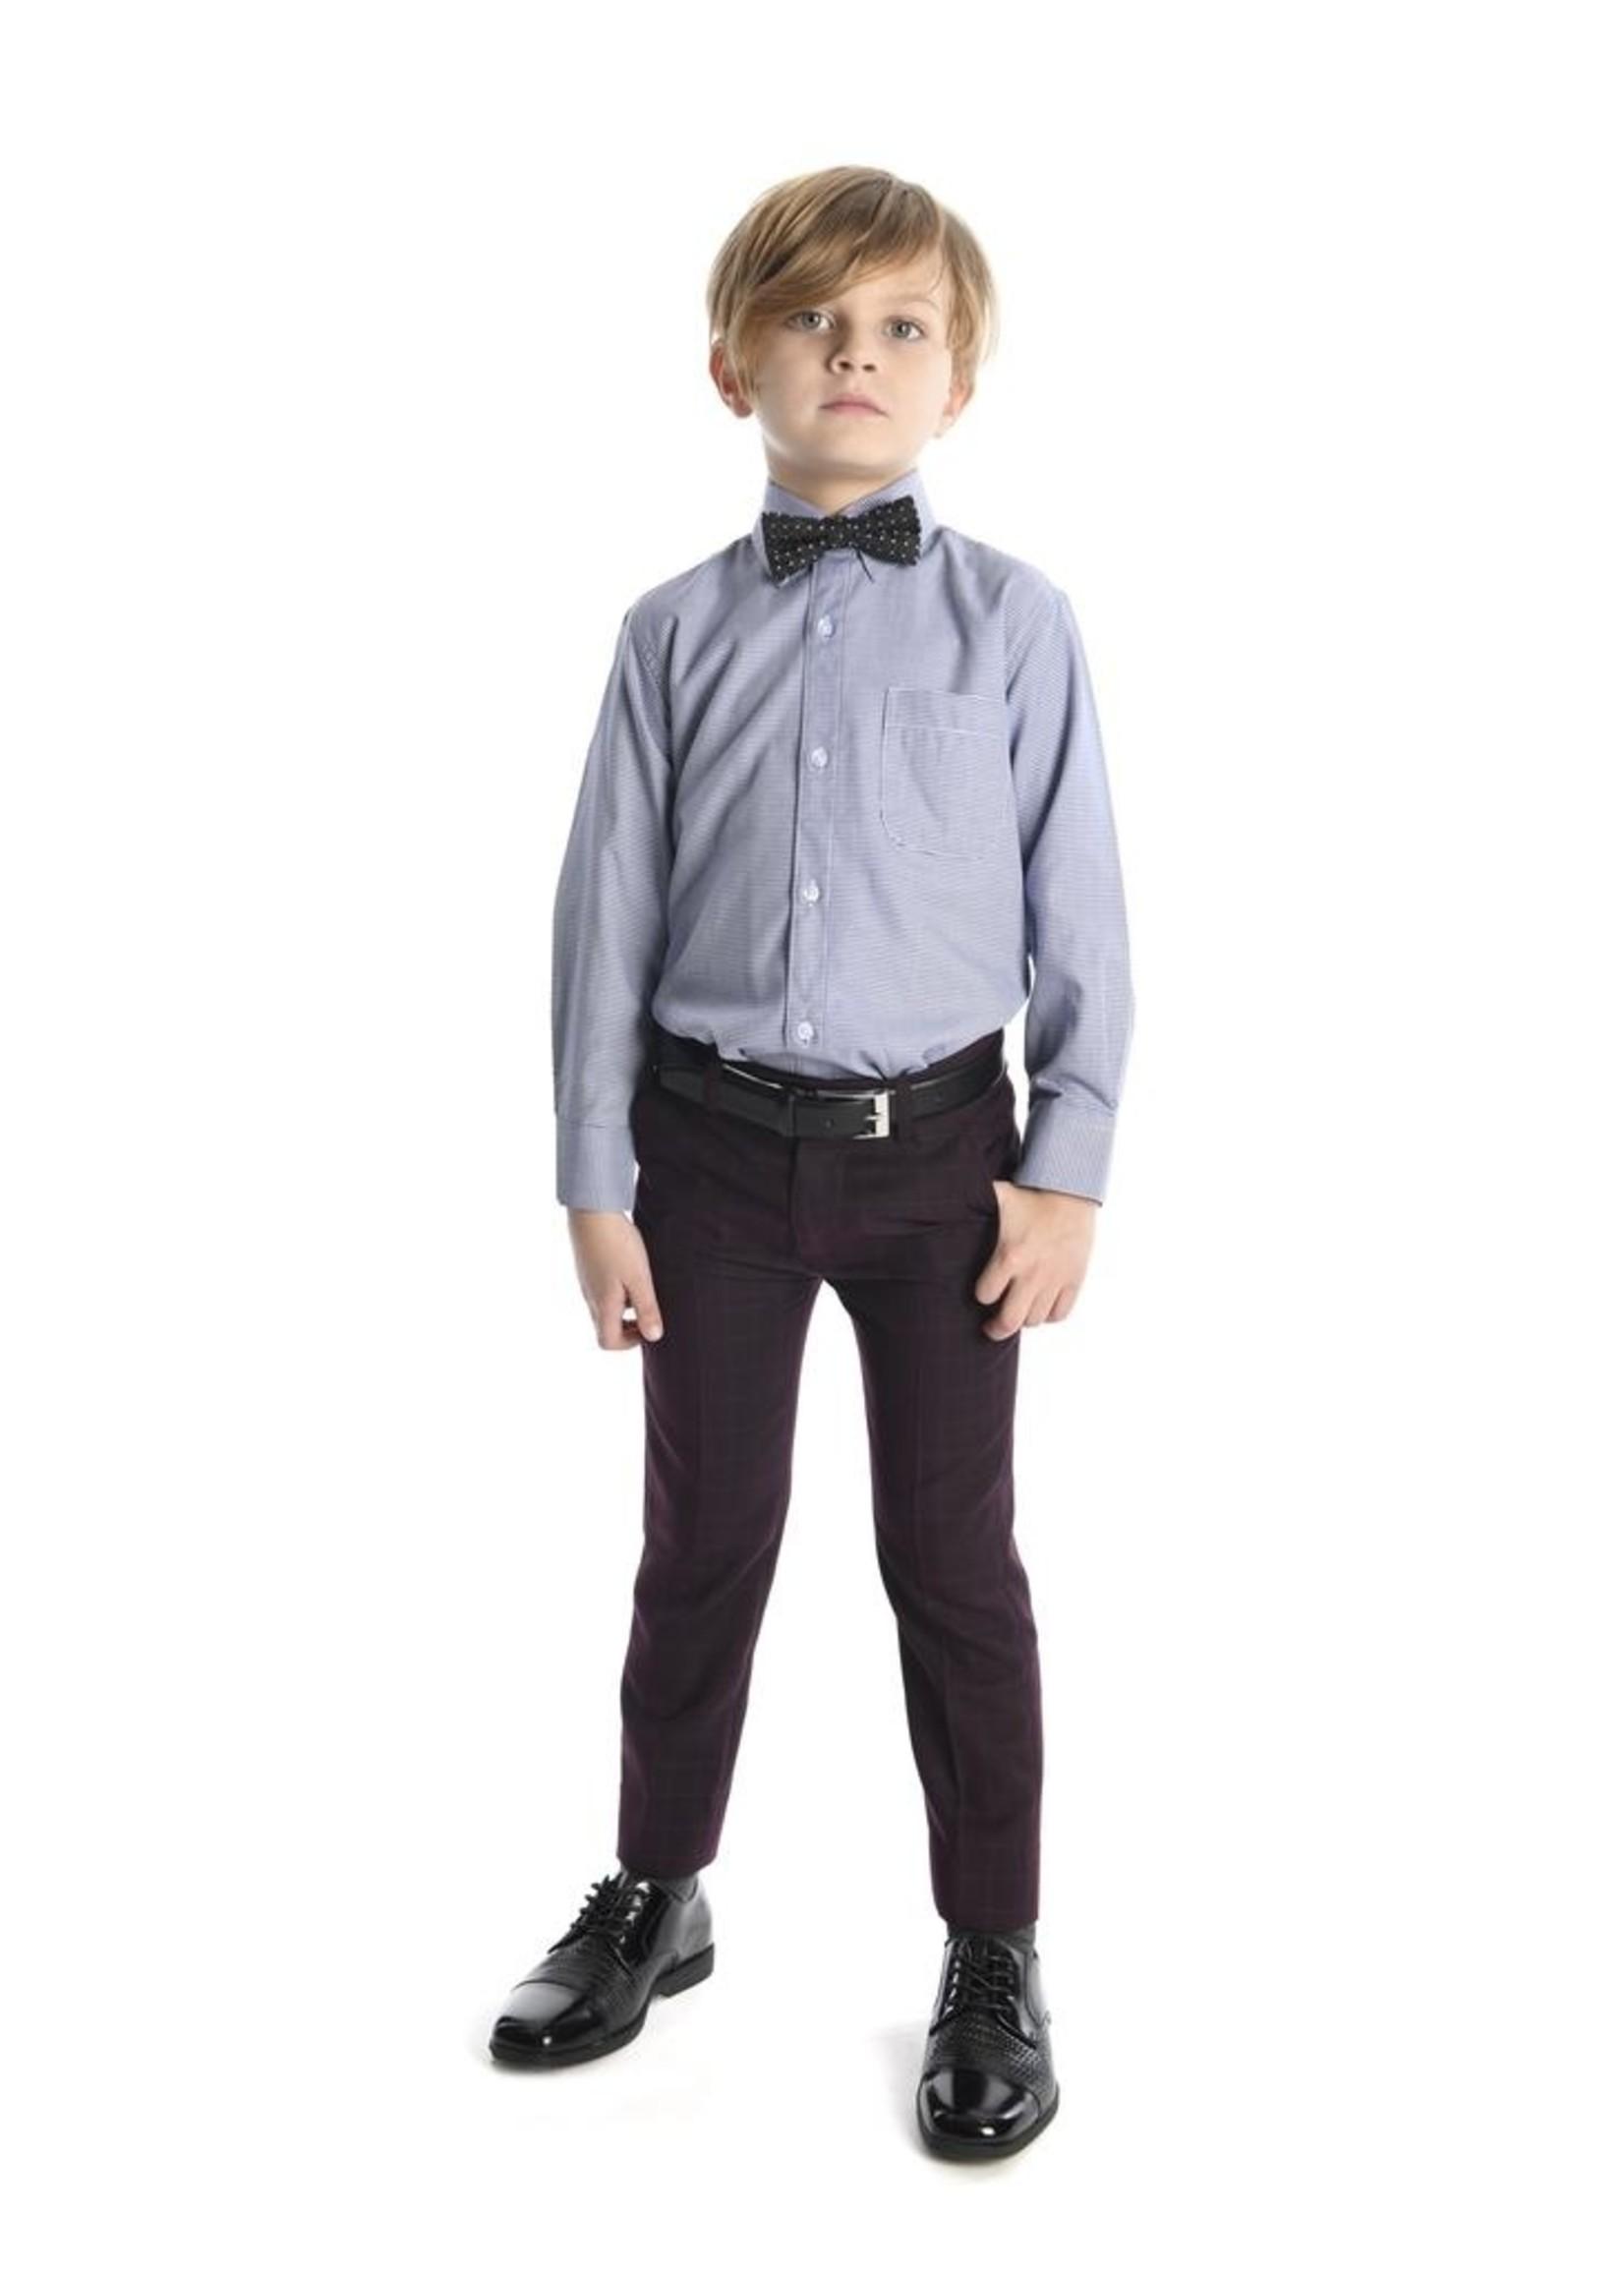 Appaman Appaman, The Standard Shirt for Boy